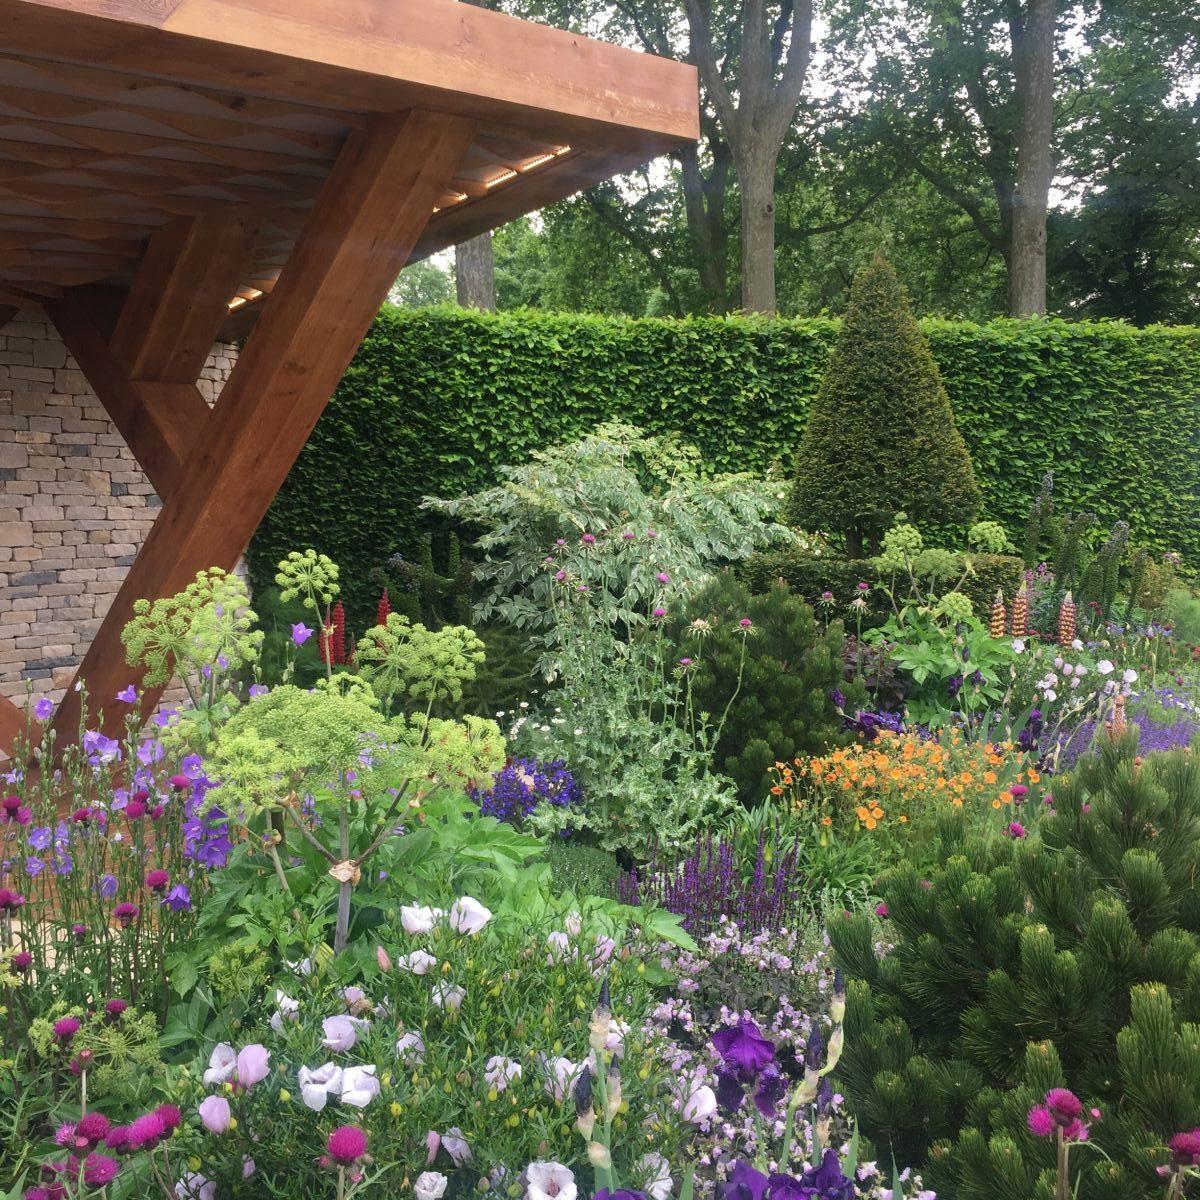 rhs chelsea flower show 2017 jack wallington garden design clapham in london. Black Bedroom Furniture Sets. Home Design Ideas